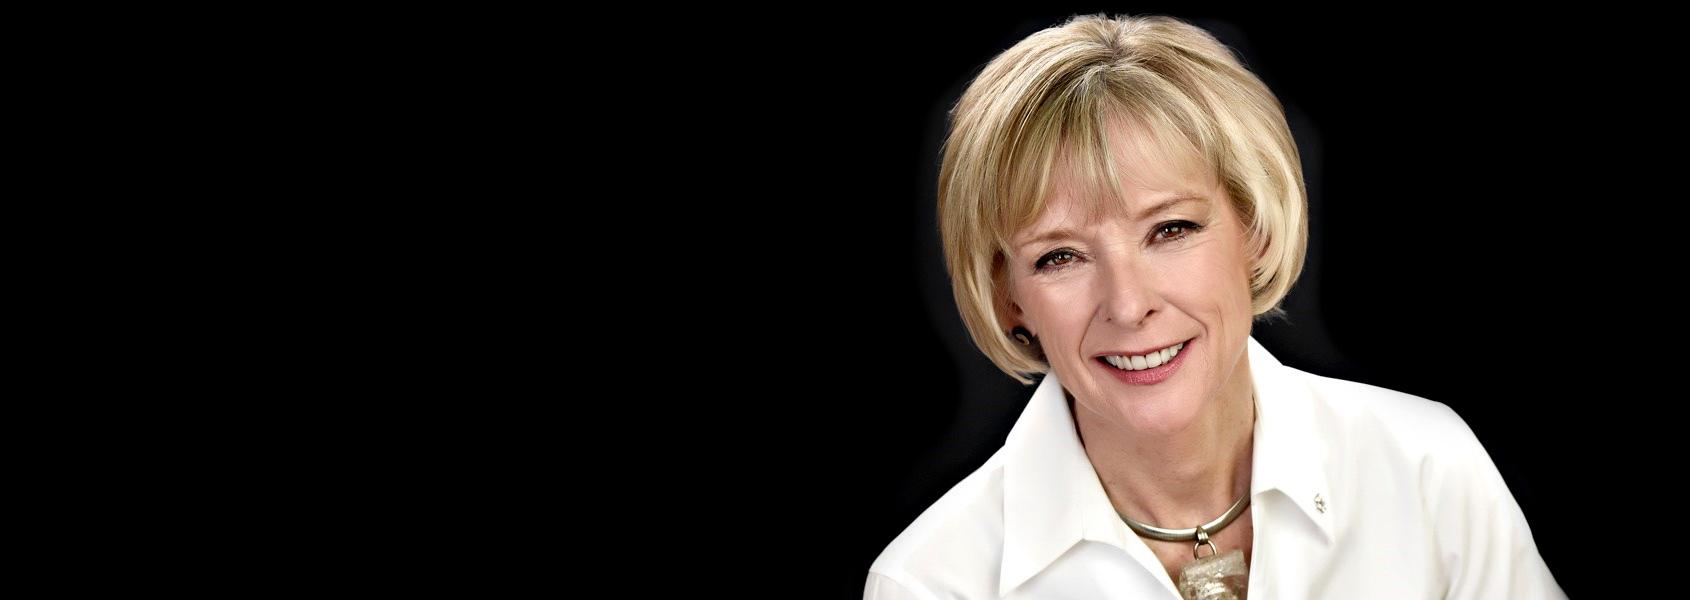 Enbridge Ottawa Speaker Series   Honours Charlotte Grey as Nation Builder    View Story